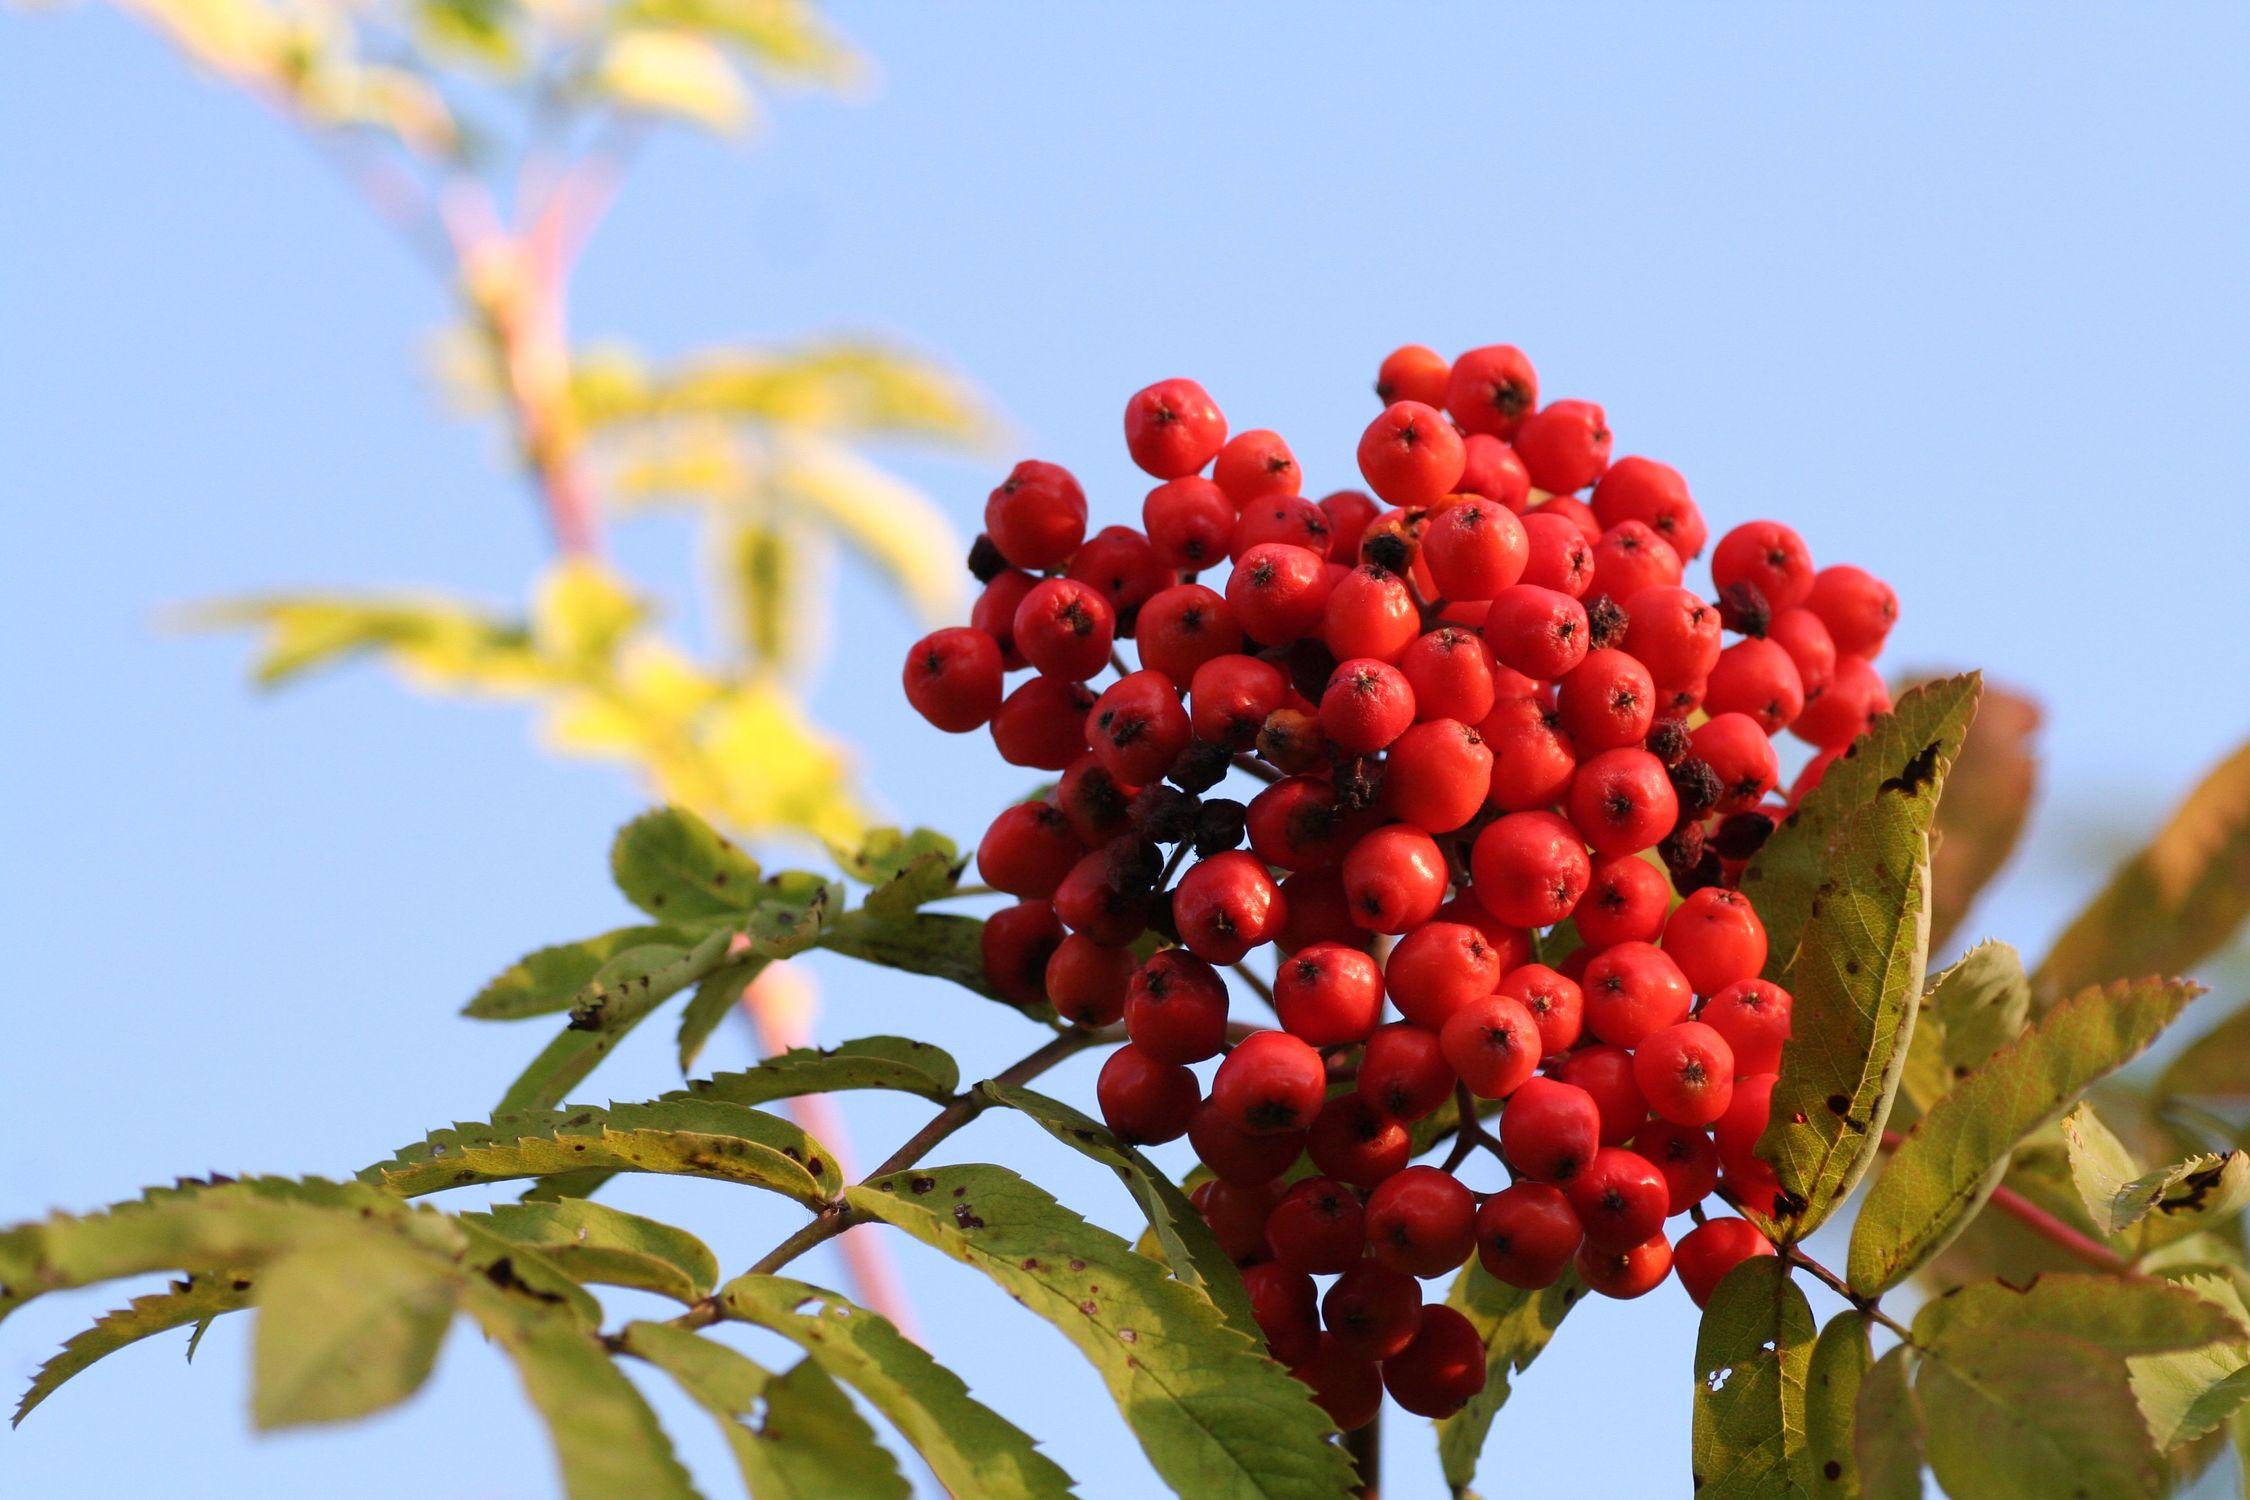 Bild mit Gegenstände, Natur, Pflanzen, Bäume, Früchte, Lebensmittel, Essen, Blumen, Beeren